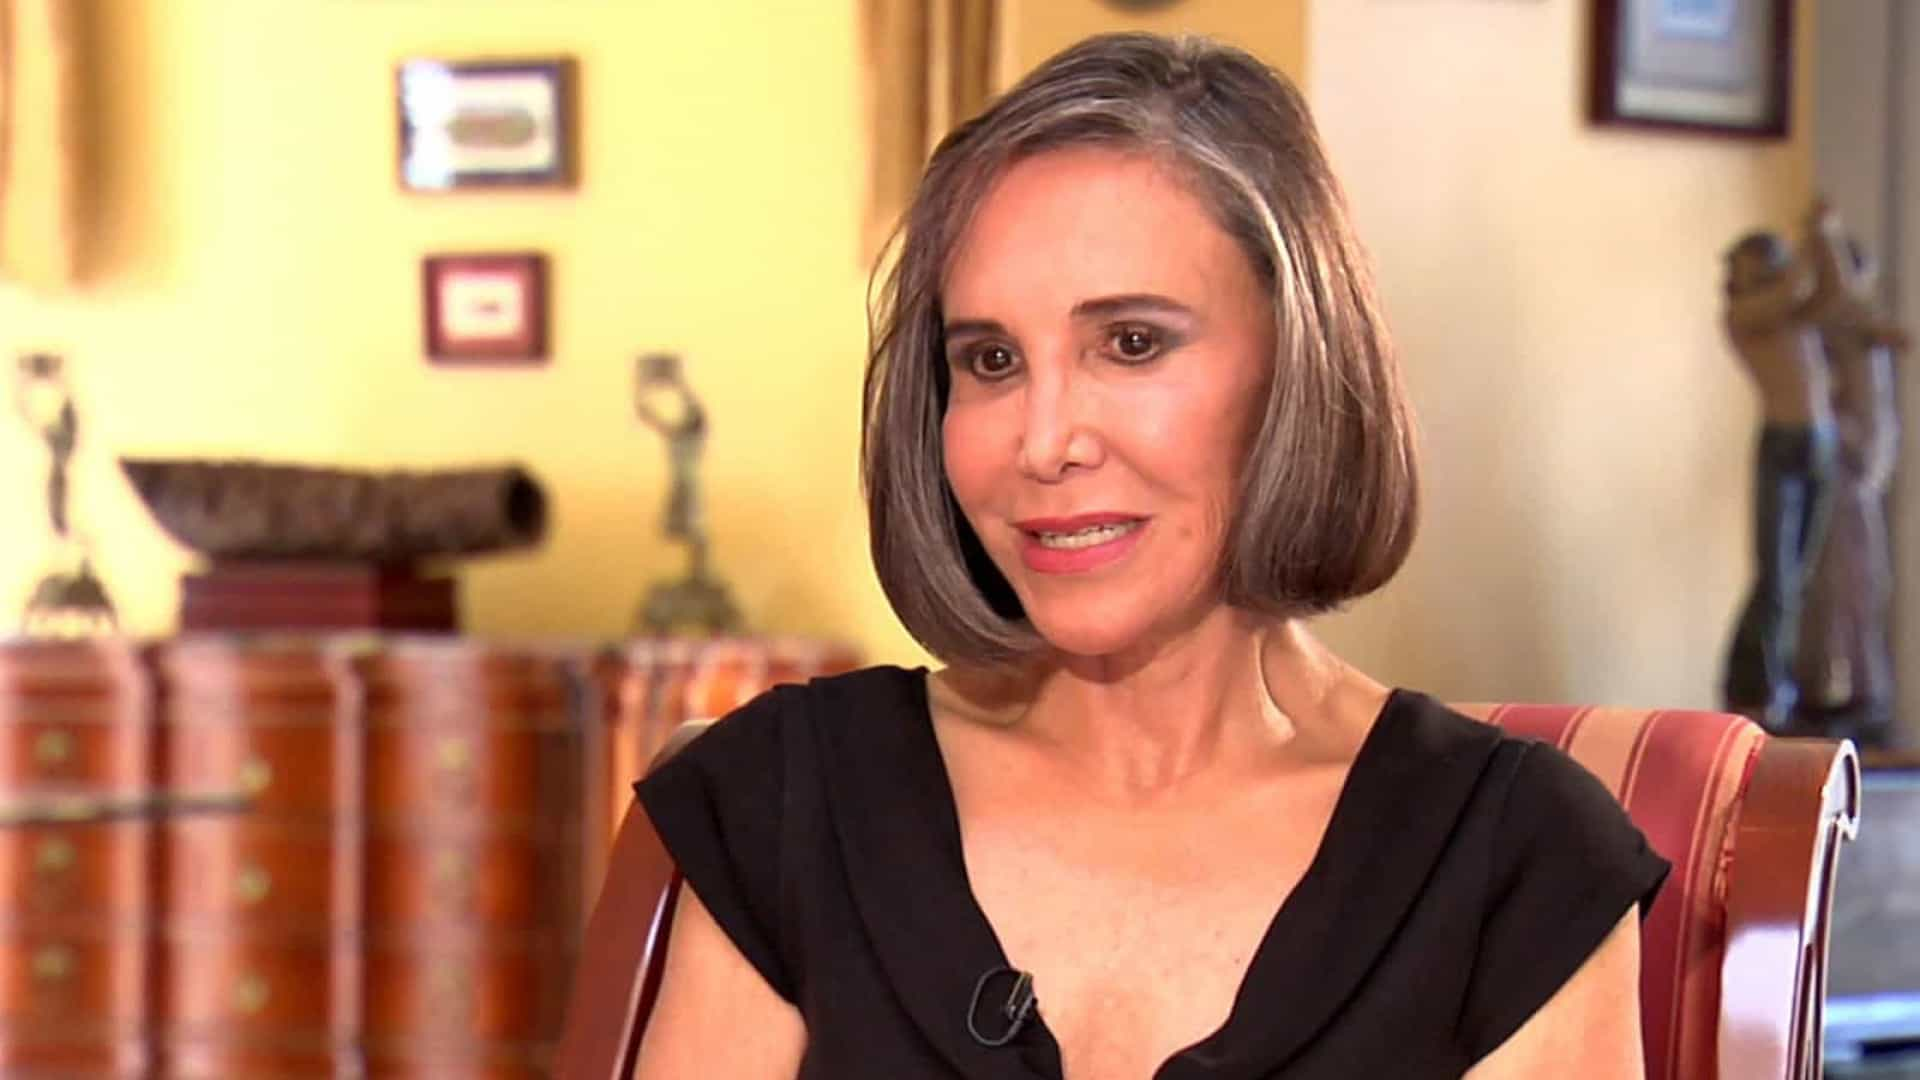 naom 5cd3dde56ed0a 1 - Atriz que fez dona Florinda no 'Chaves' fala sobre falta de trabalho